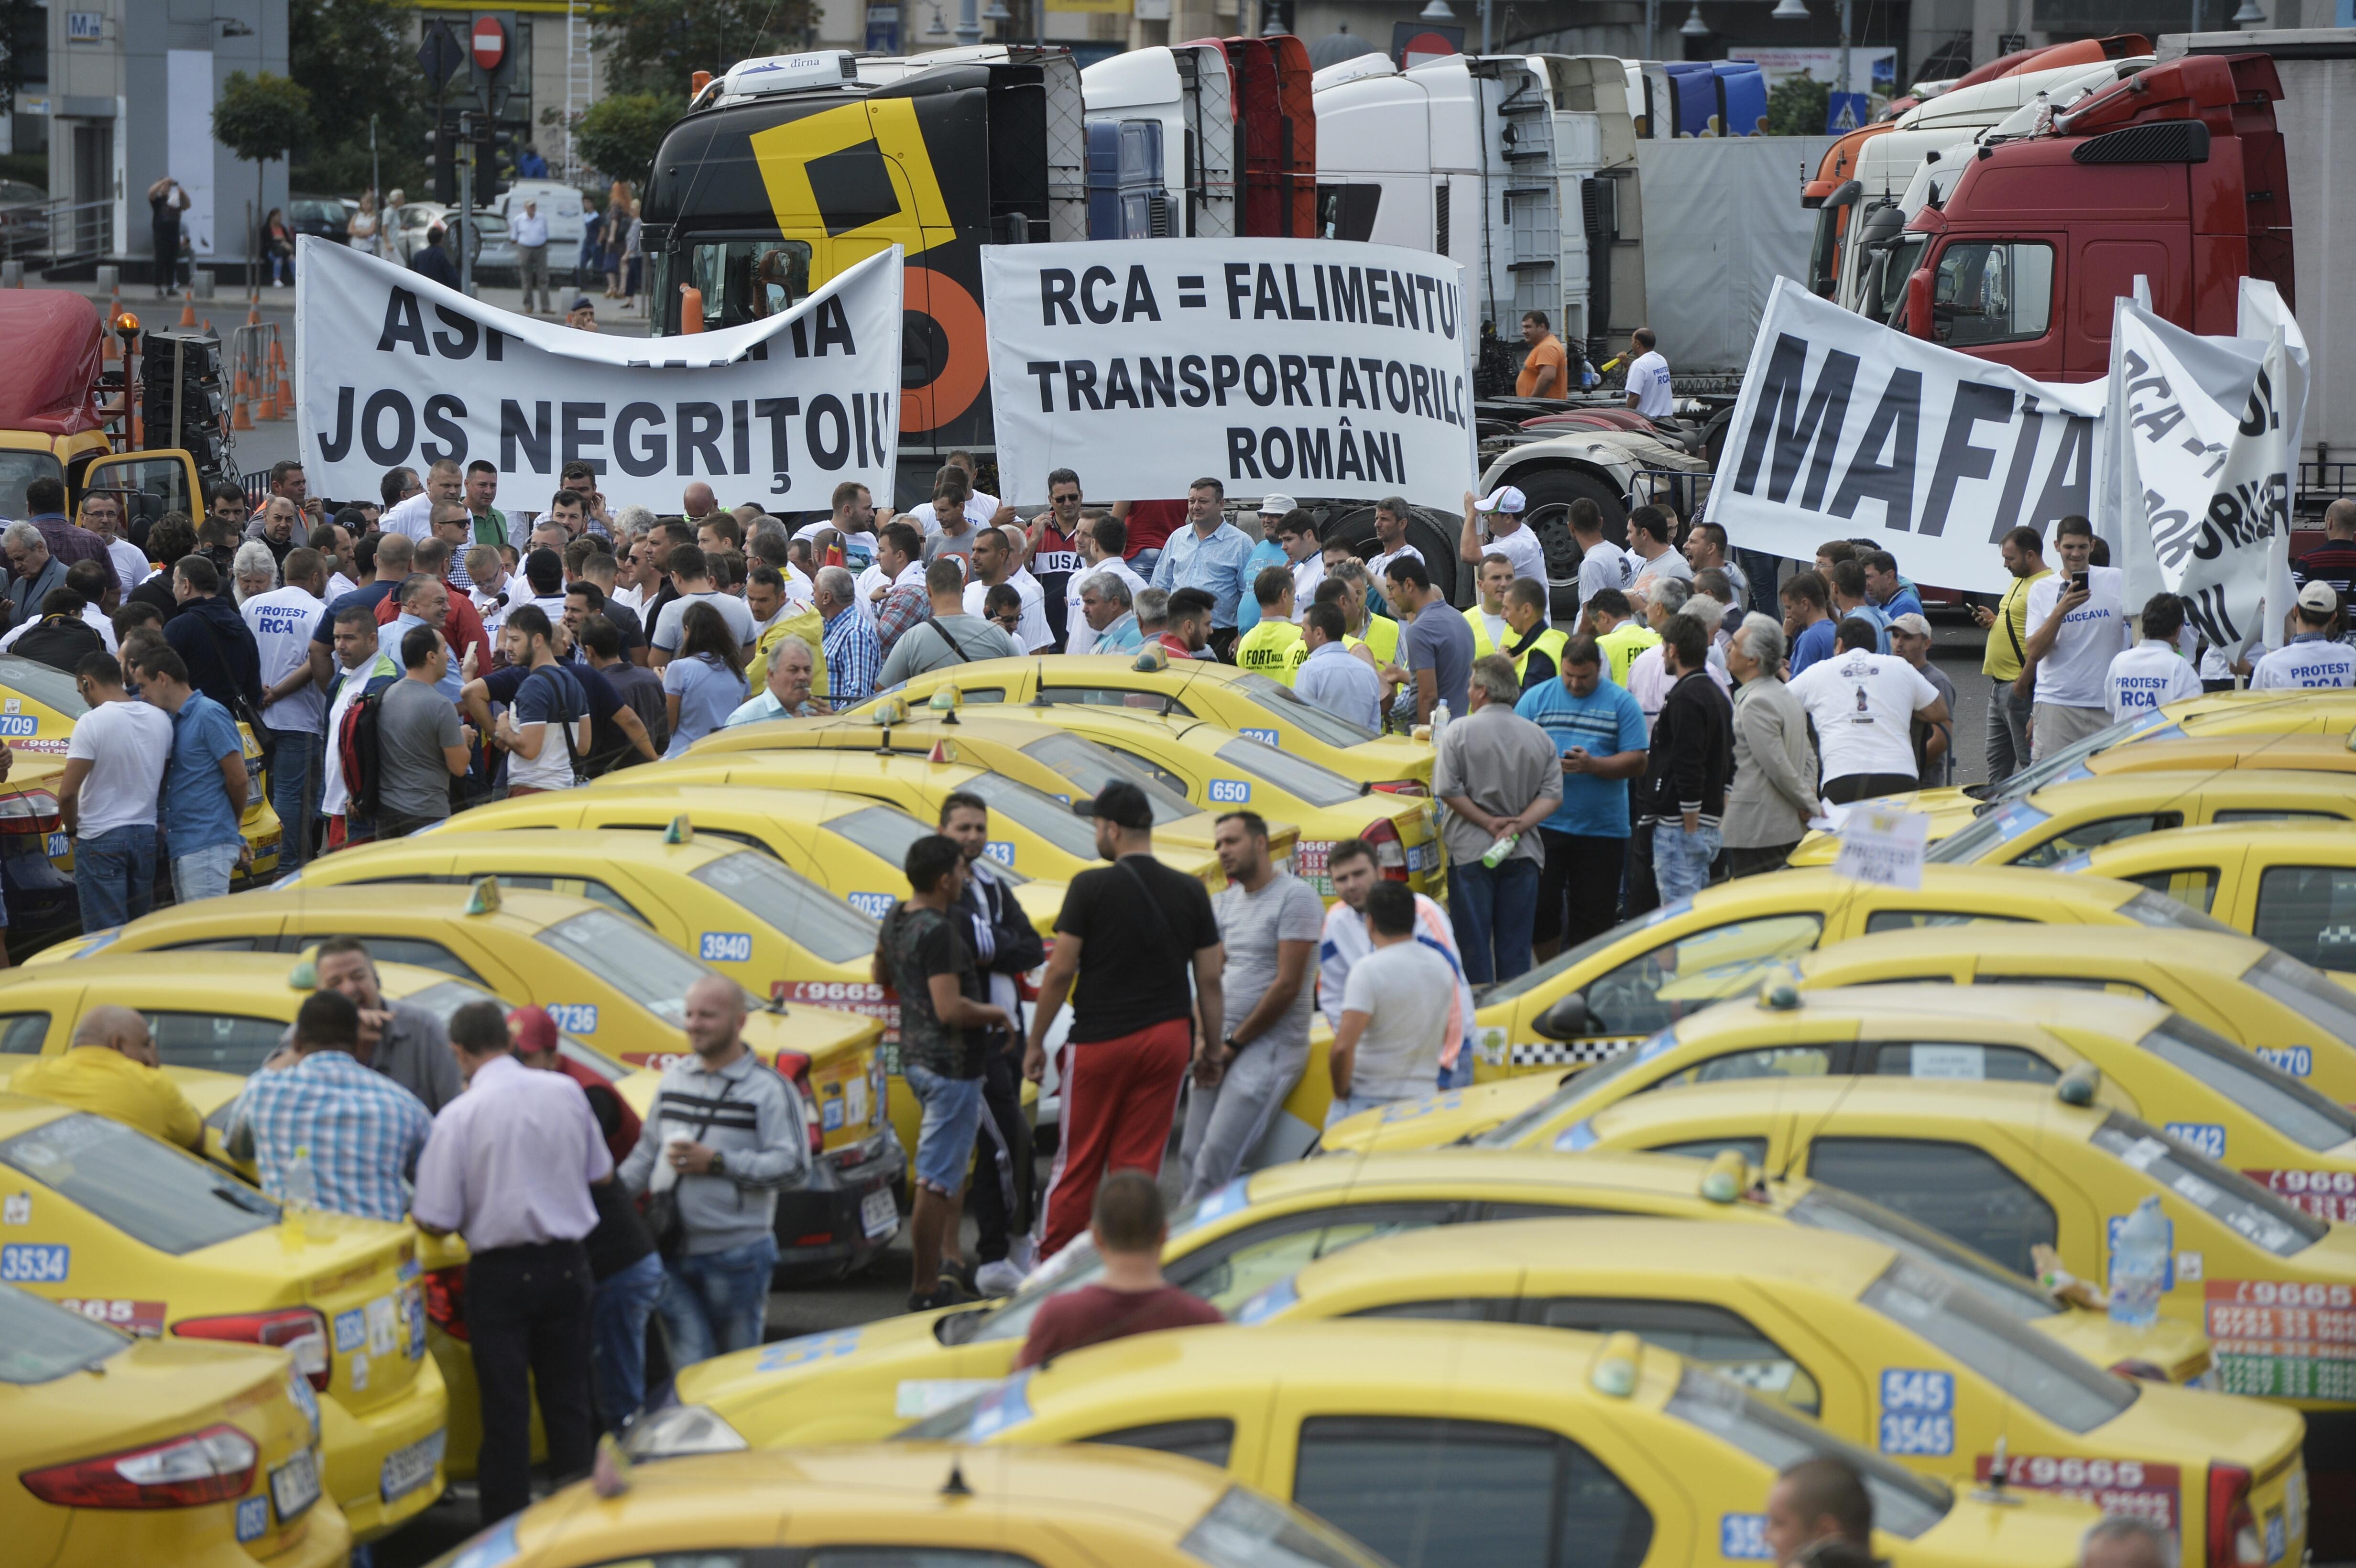 Piaţa Victoriei, blocată de un PROTEST al transportatorilor. Circulaţia restricţionată în centrul Capitalei afectează traficul din Bucureşti | VIDEO